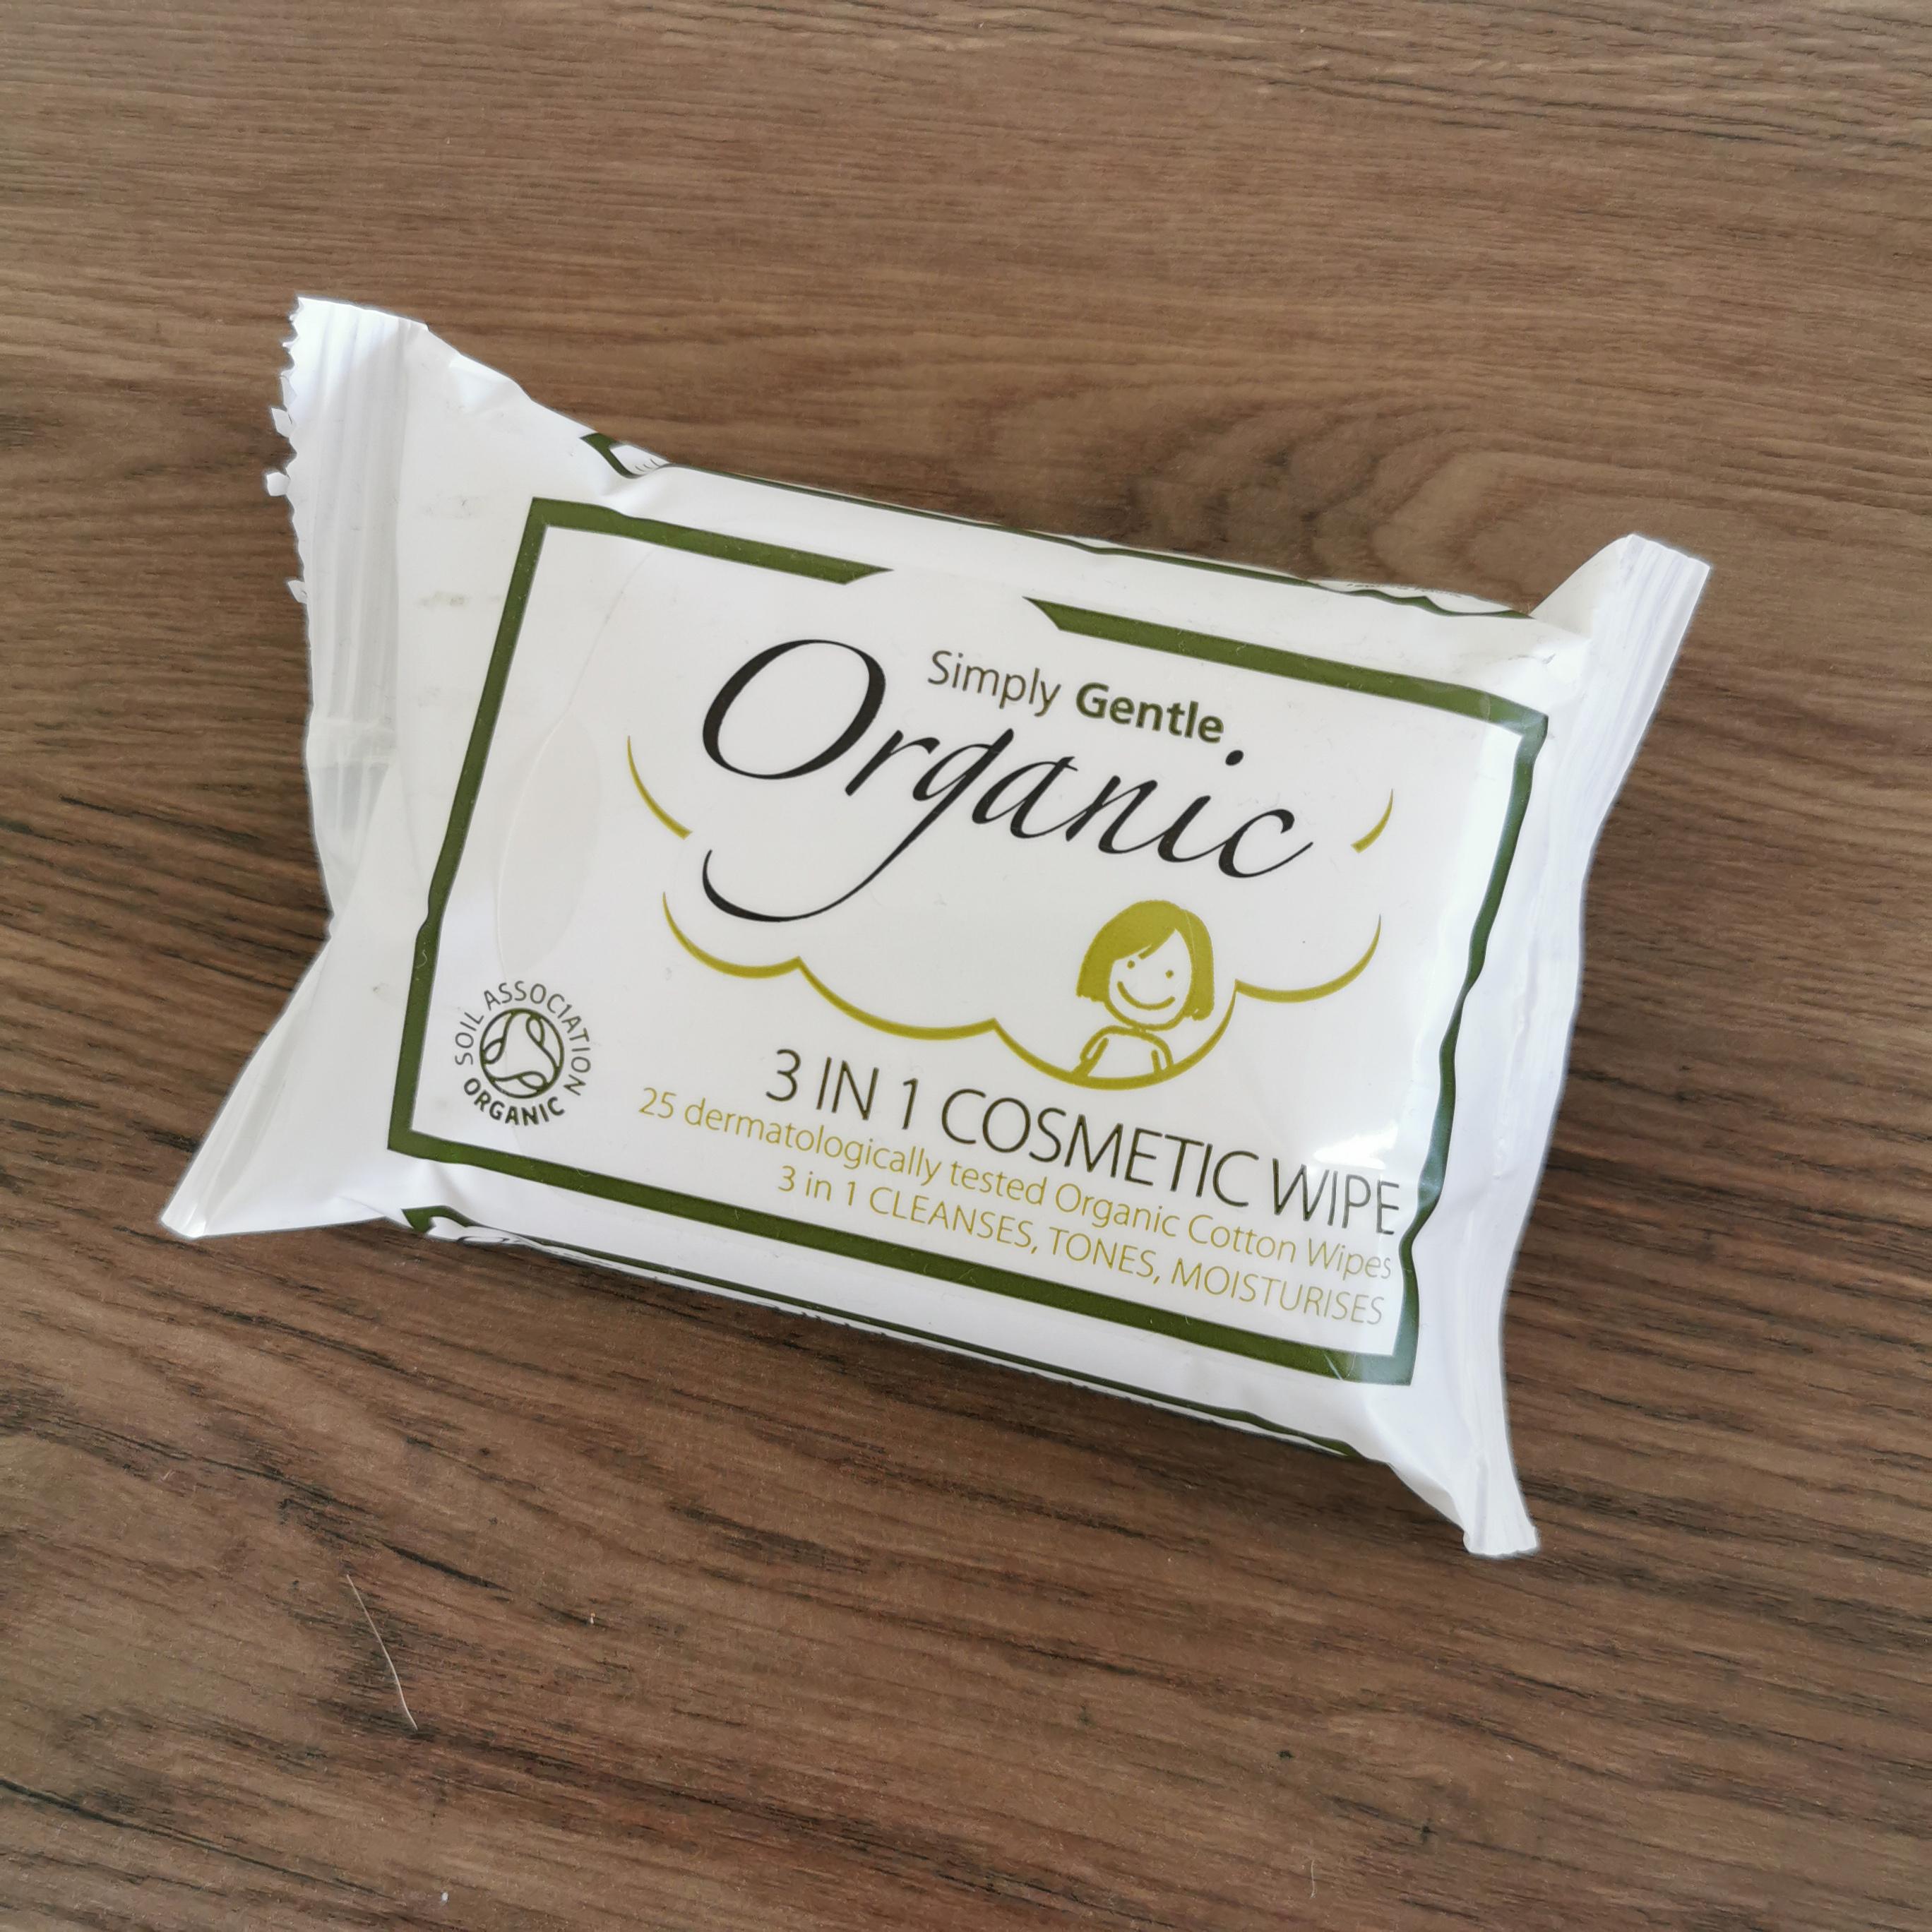 Organic 3 in 1 Cosmetic Wipes